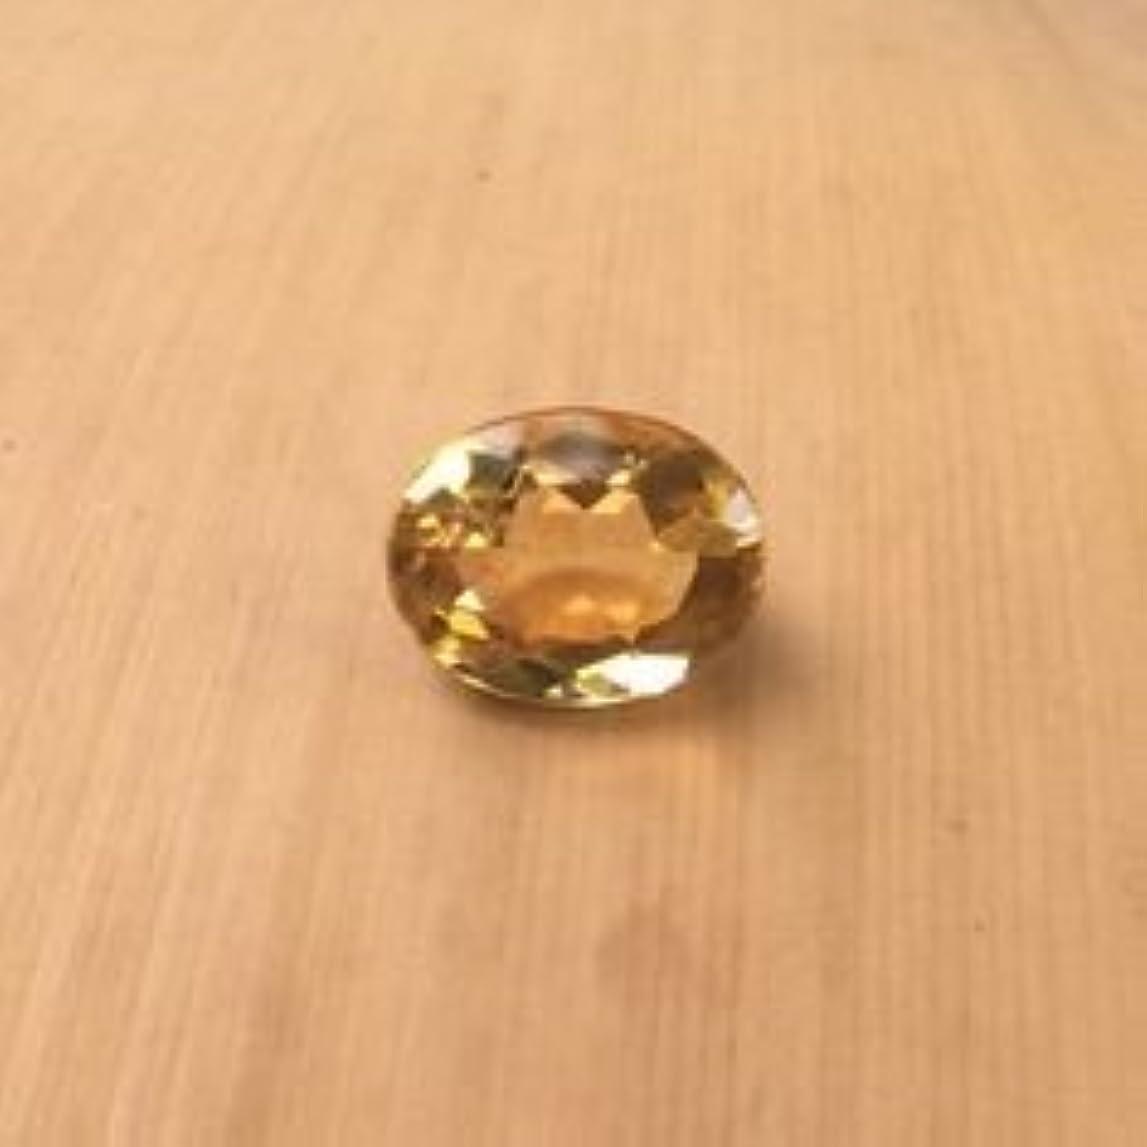 信頼性のある火傷おとこsunela石元Certified Natural Citrine Gemstone 9.9 Carat By gemselect